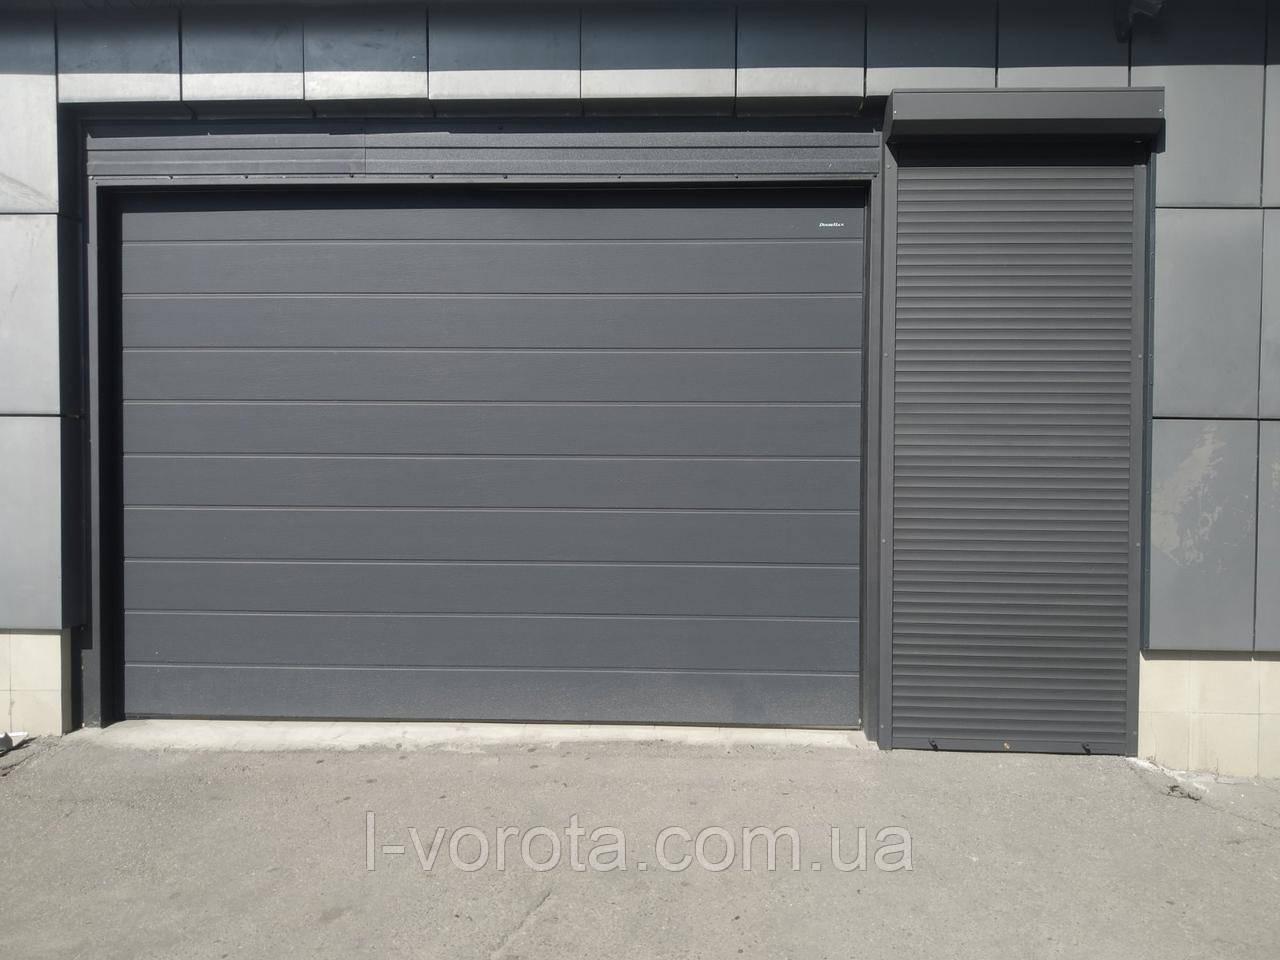 Гаражно-секционные ворота DoorHan ш3700*в2600 (цвет антрацит)